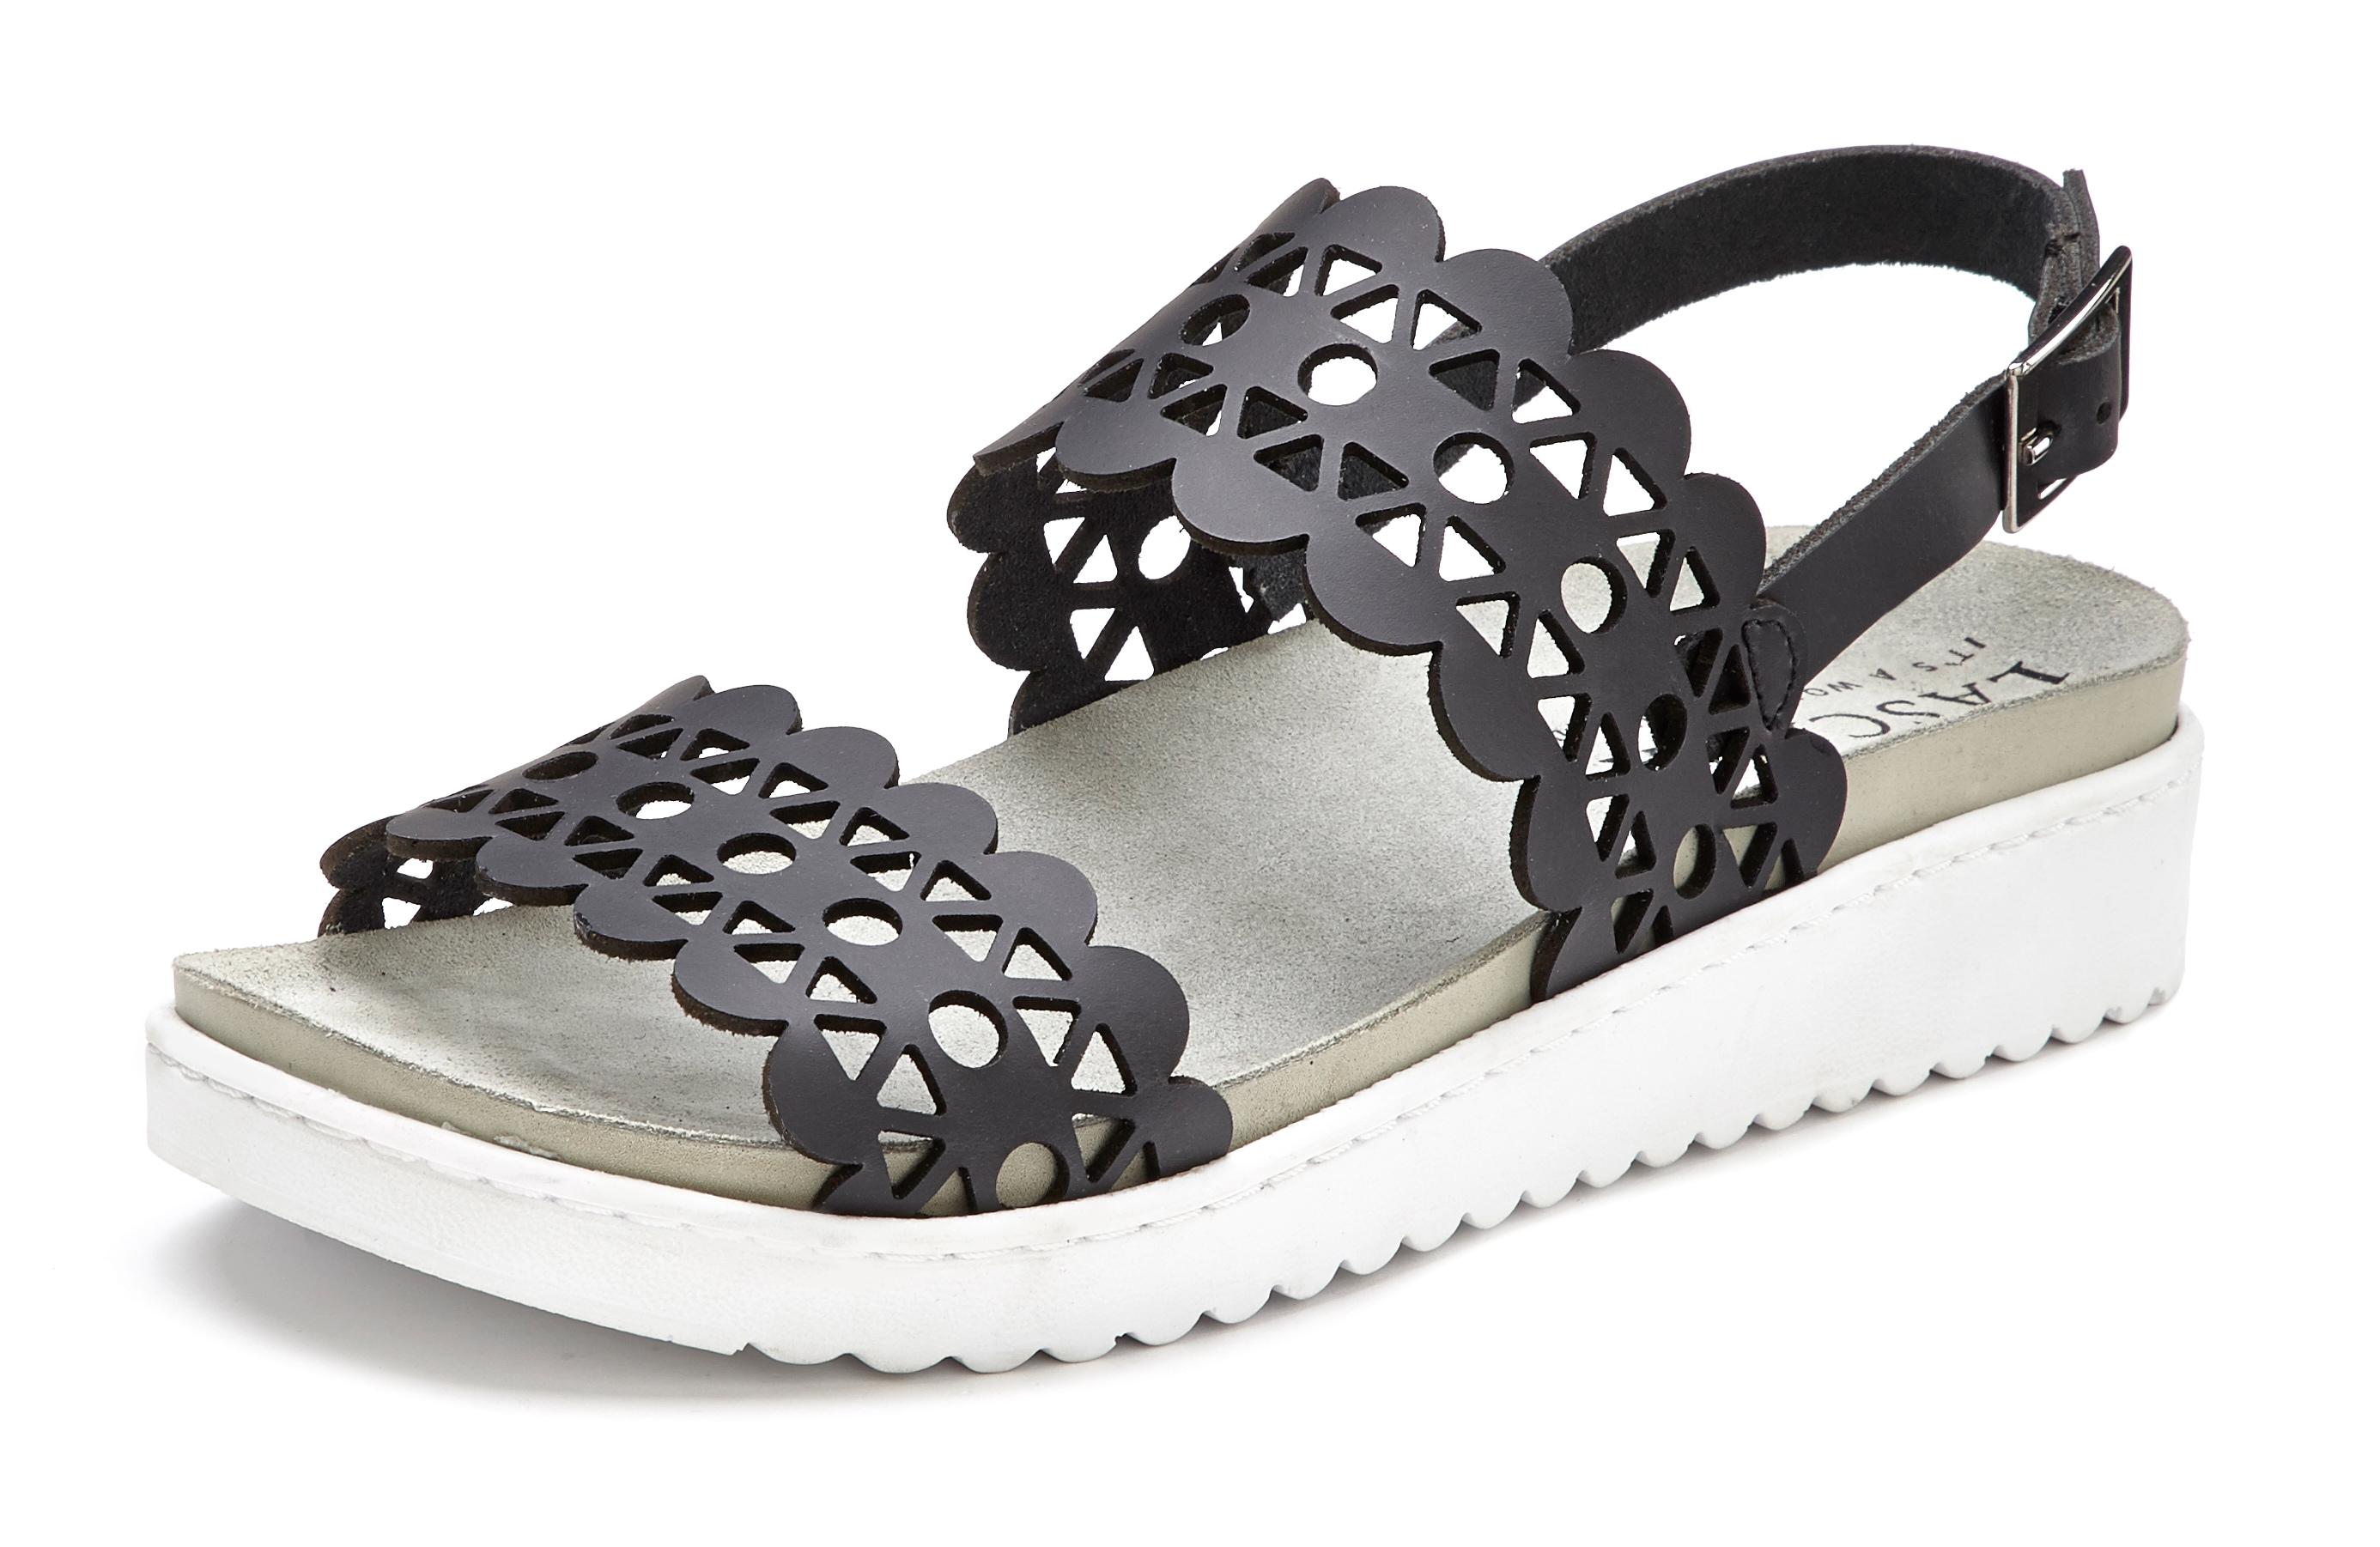 lascana -  Sandale, aus Leder mit bequemem Leder-Fußbett und modischen Cut-Outs